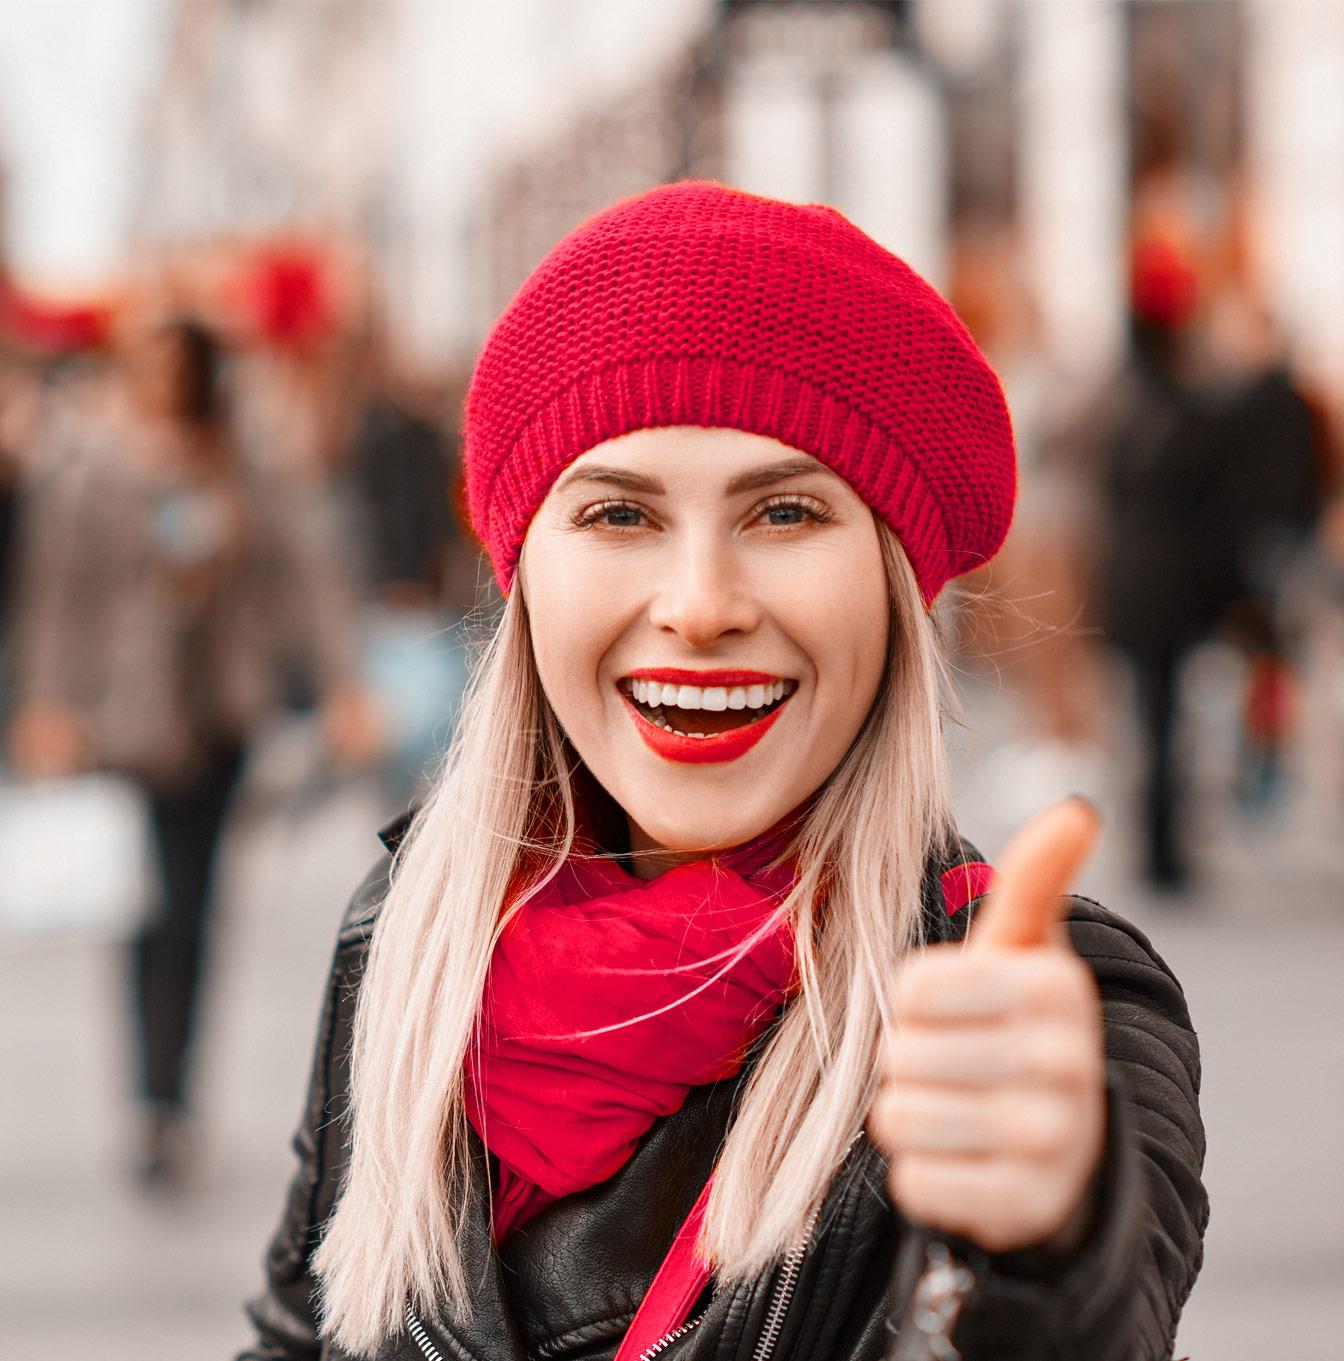 Kuukuppia käyttävä nainen hymyilee peukalo pystyssä